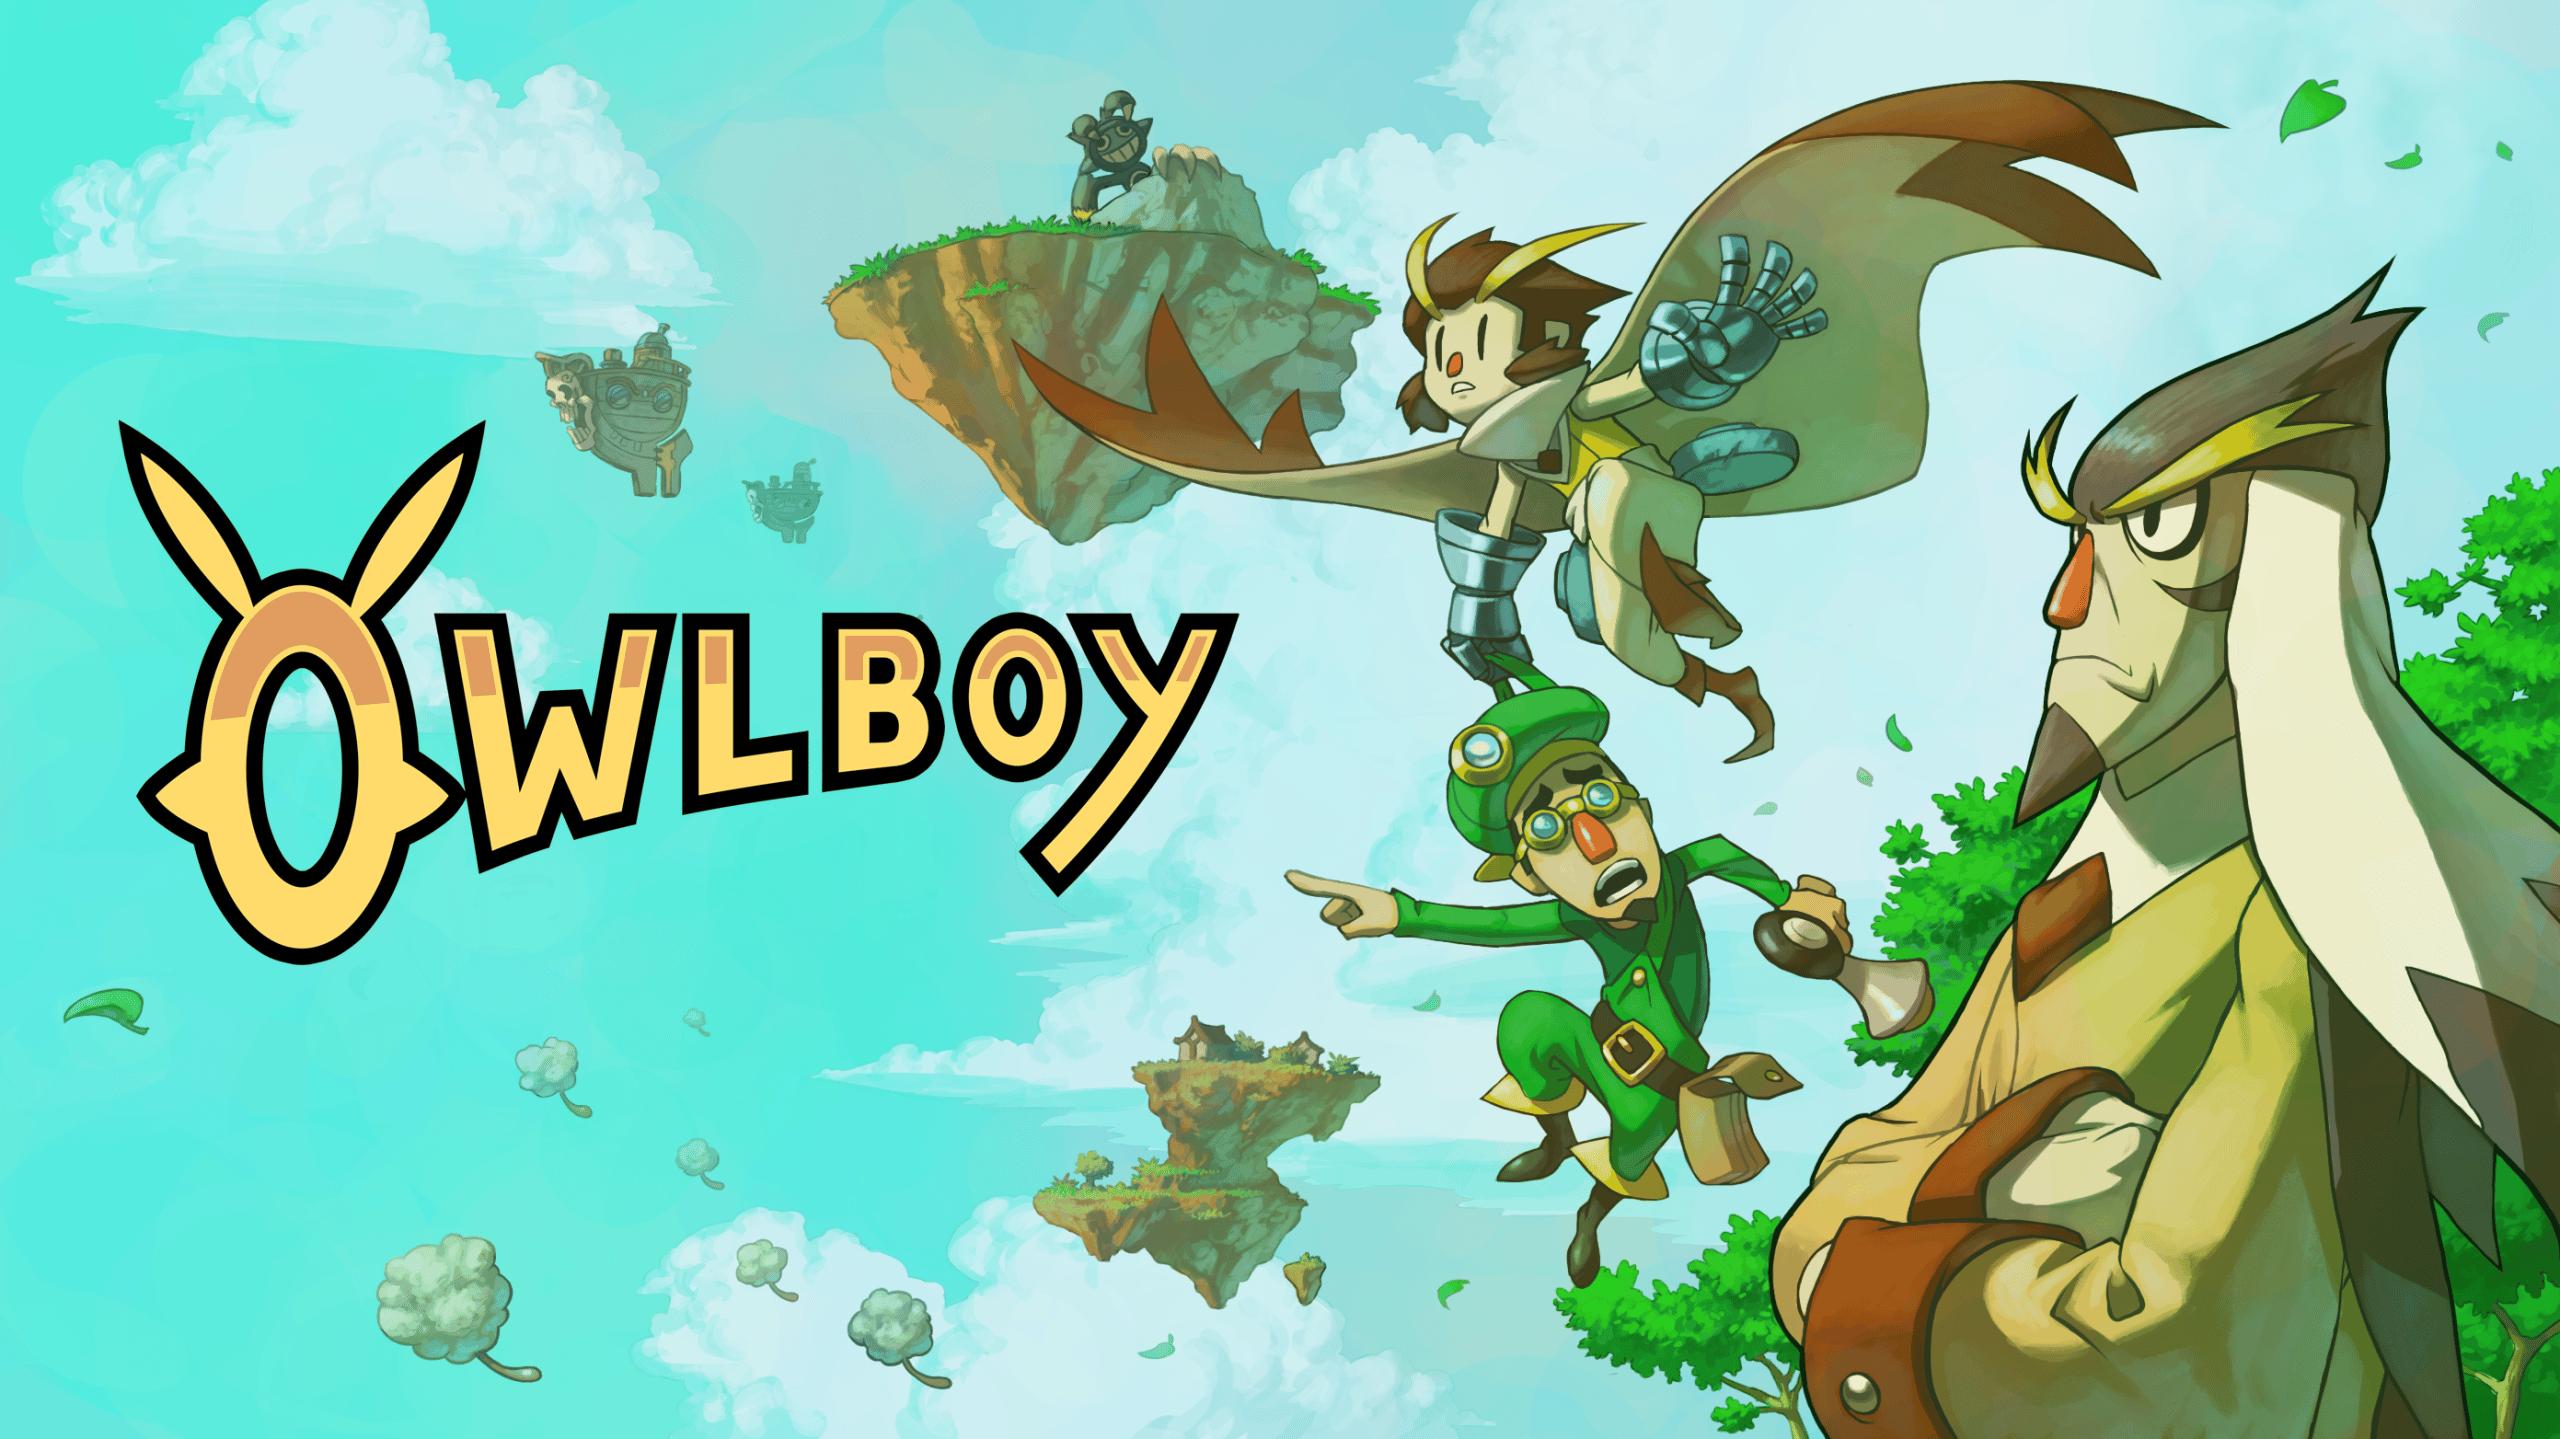 Owlboy telecharger gratuit de PC et Torrent